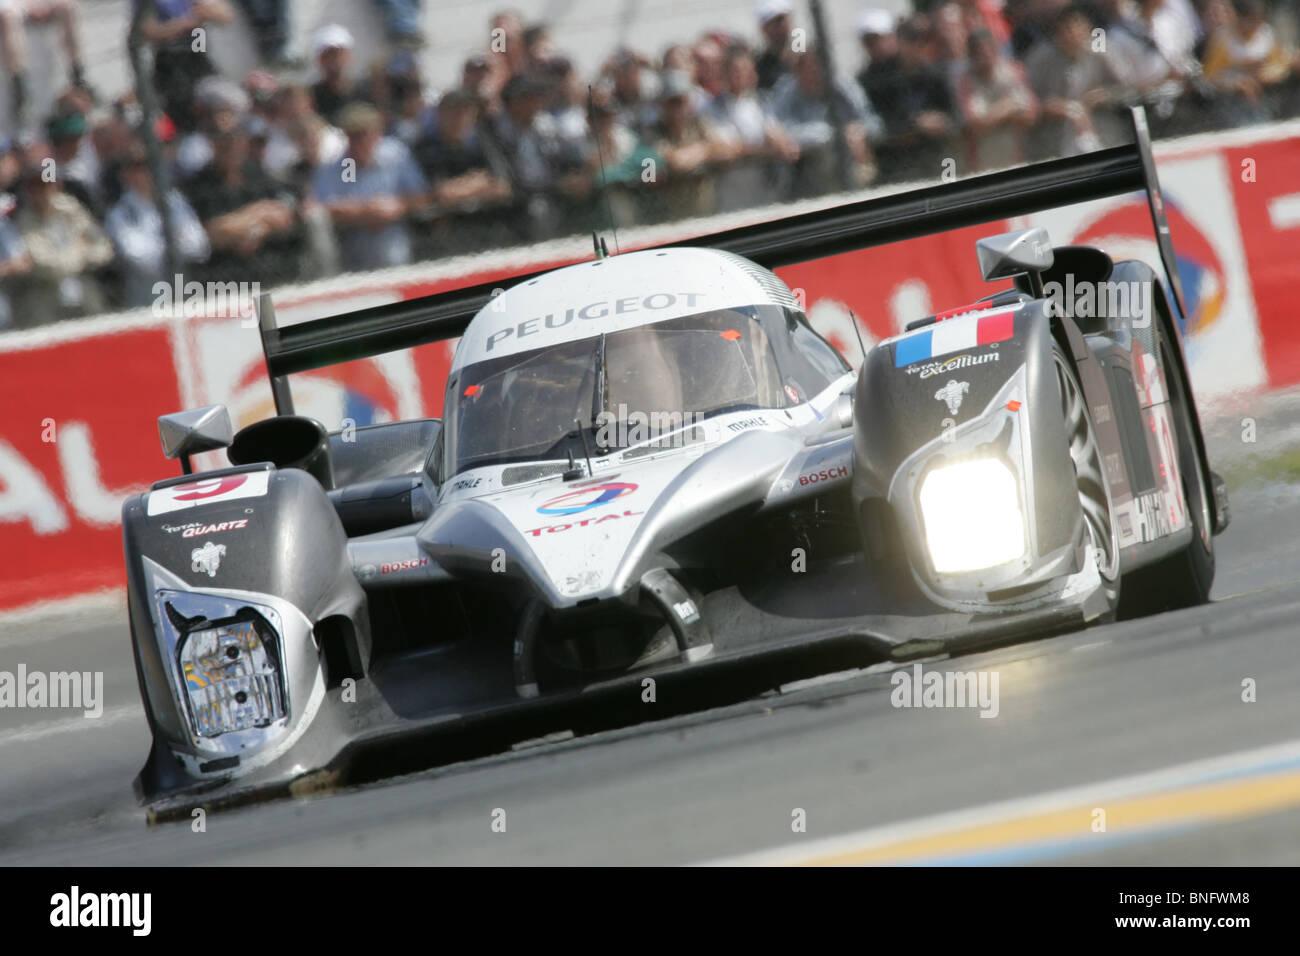 Peugeot LMP1 Sportscar Le Mans 24 Hours. Stock Photo